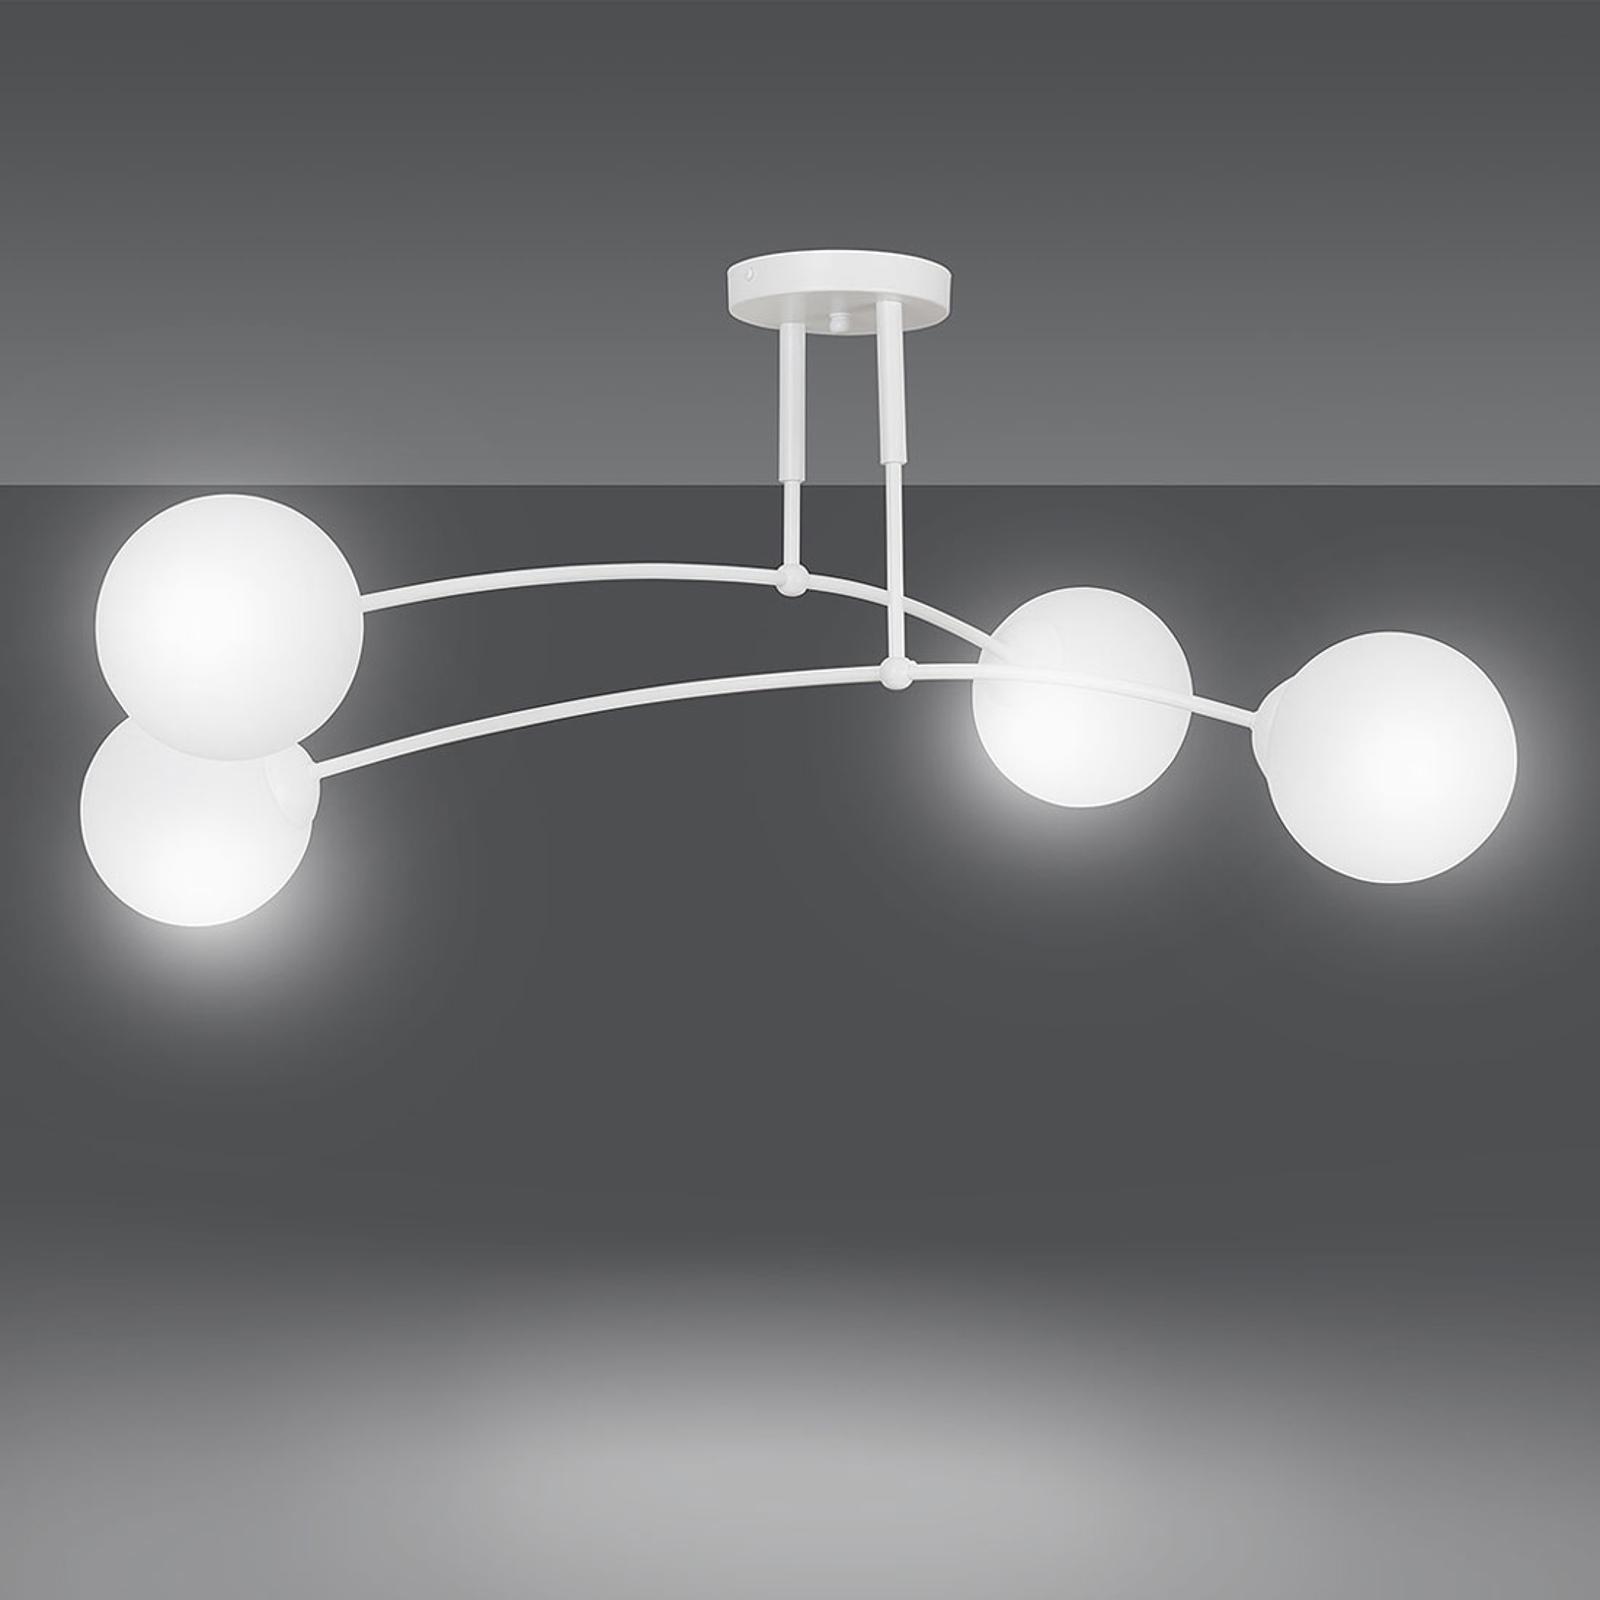 Plafondlamp Pregos 4, 4-lamps, wit